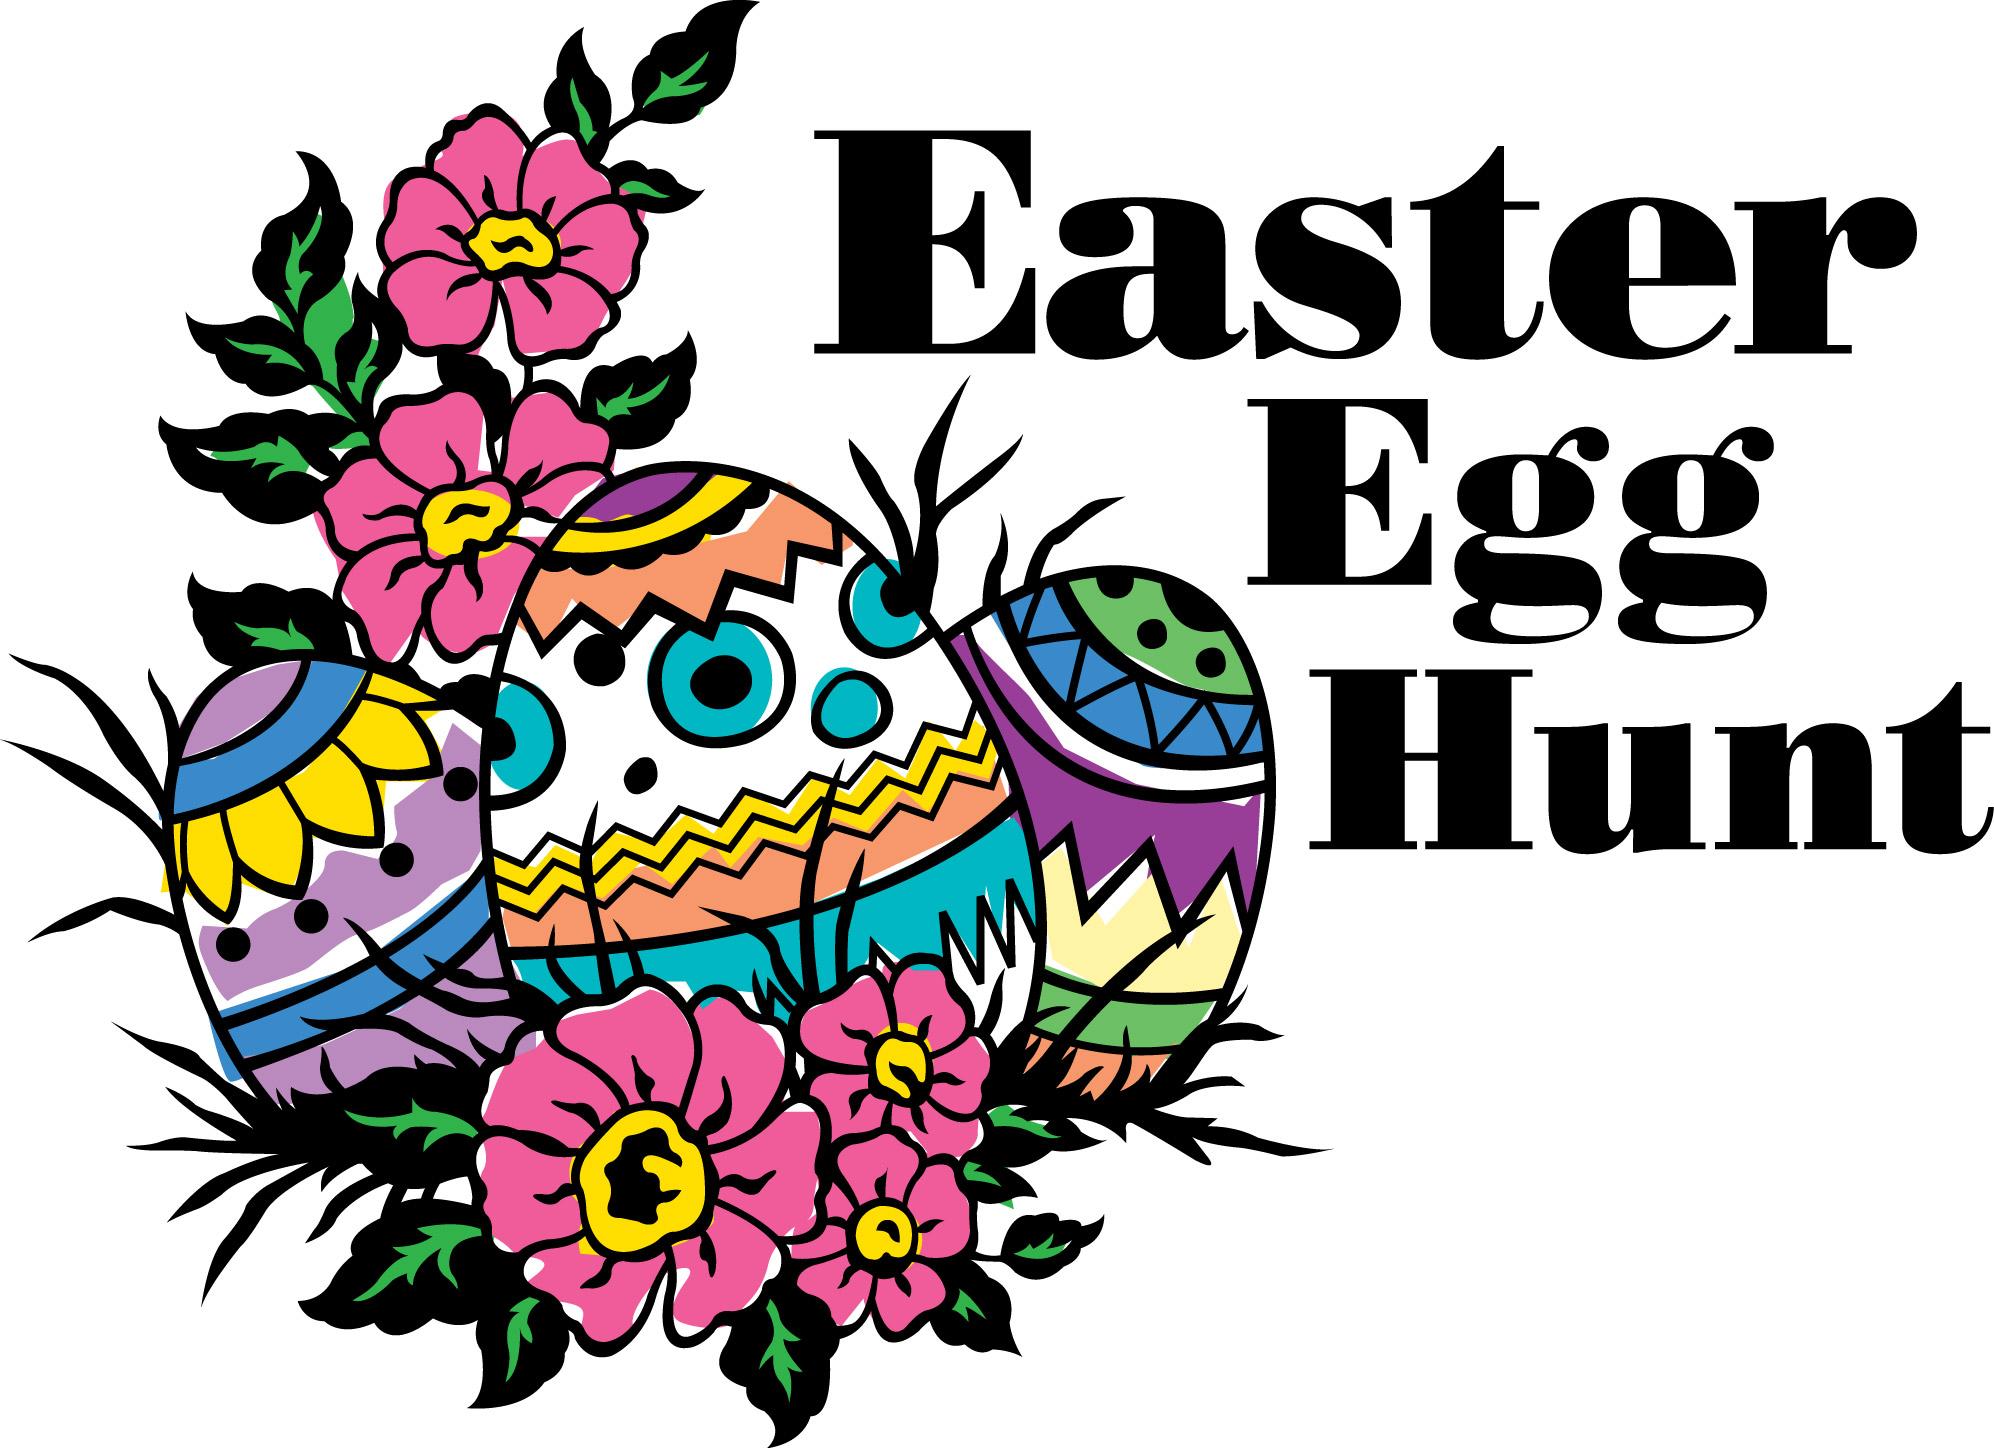 easter egg hunt church of the good shepherd  tyrone pa easter egg hunt clipart black and white easter egg hunt clip art free